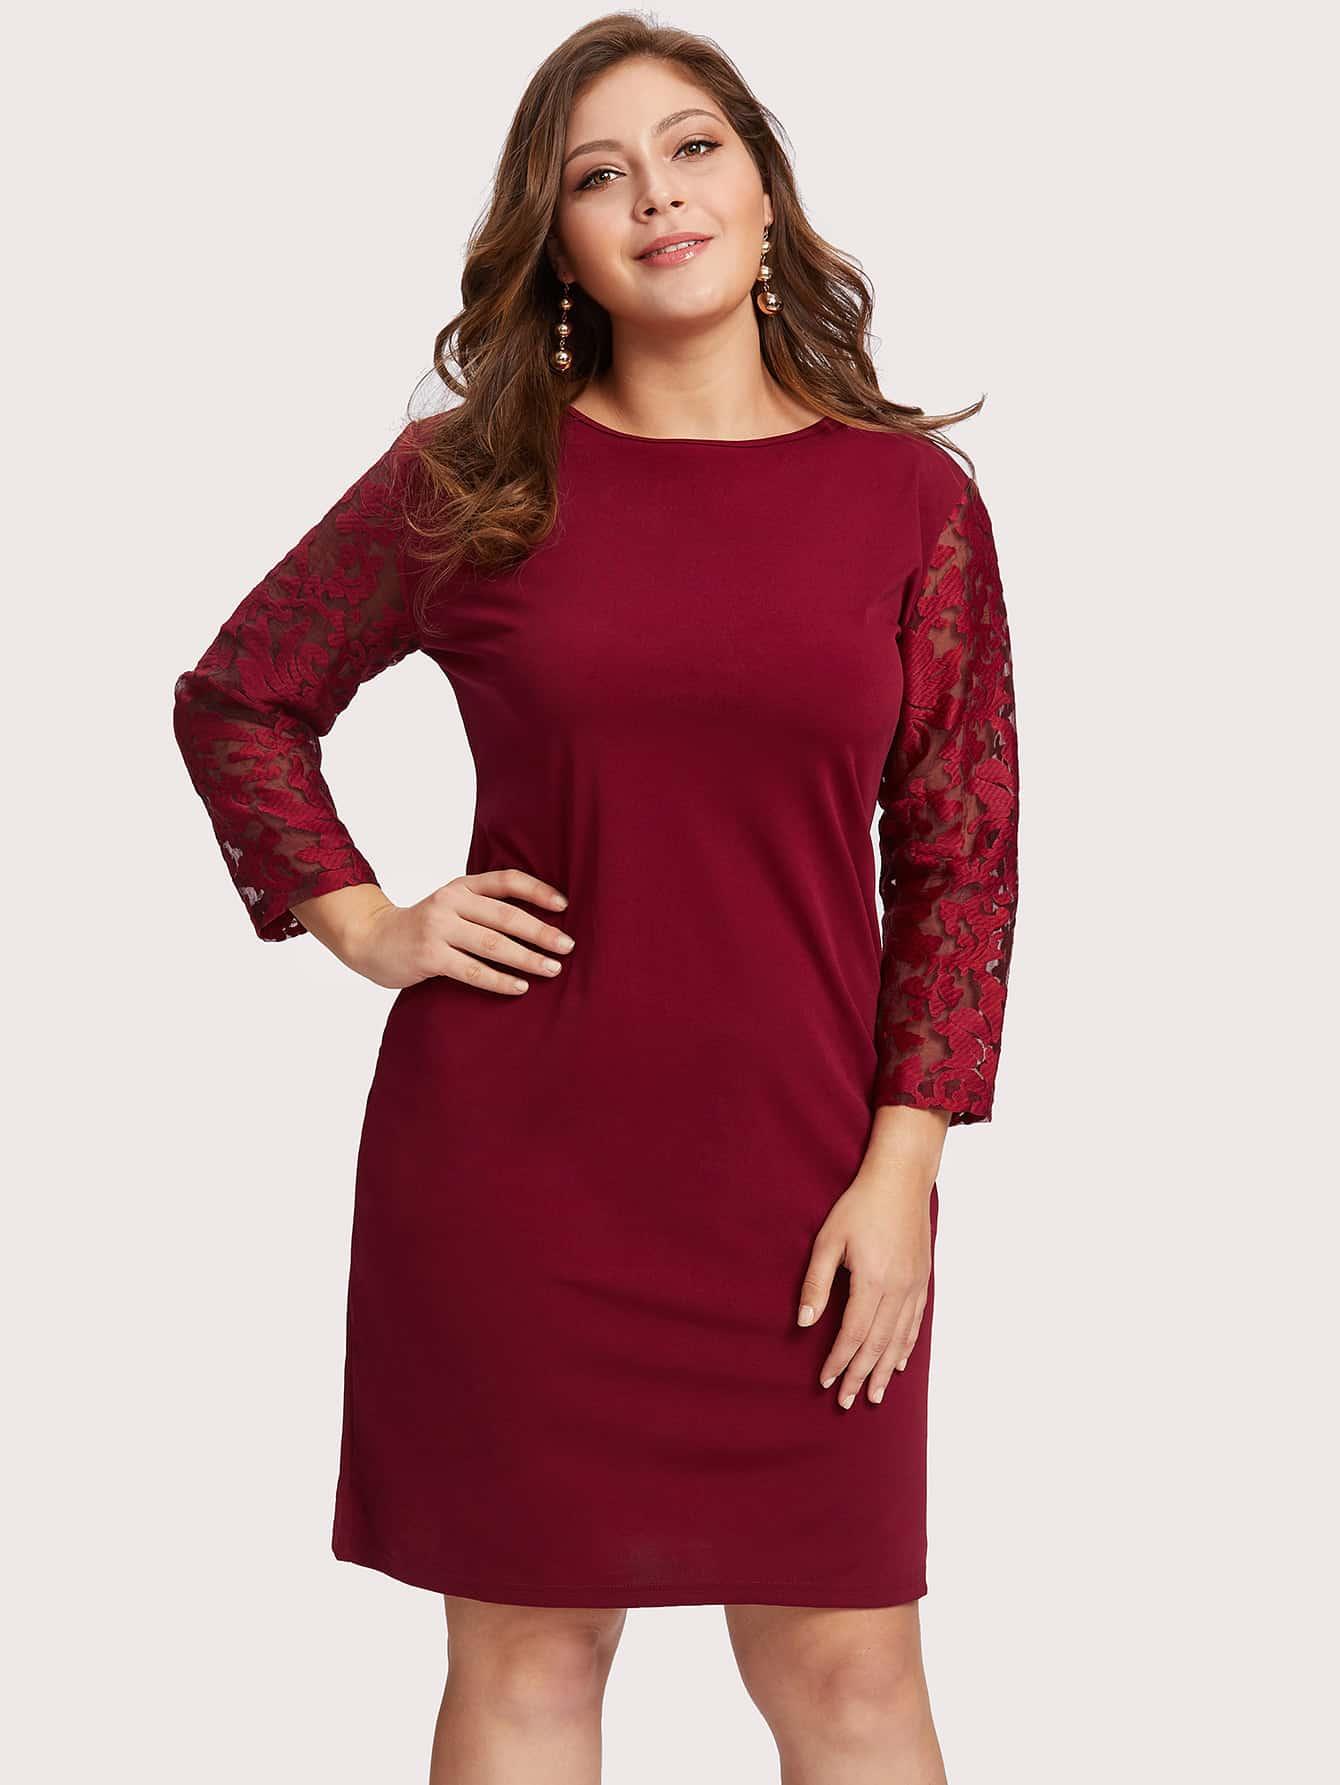 Купить Модное платье с кружевной вставкой, Carol, SheIn